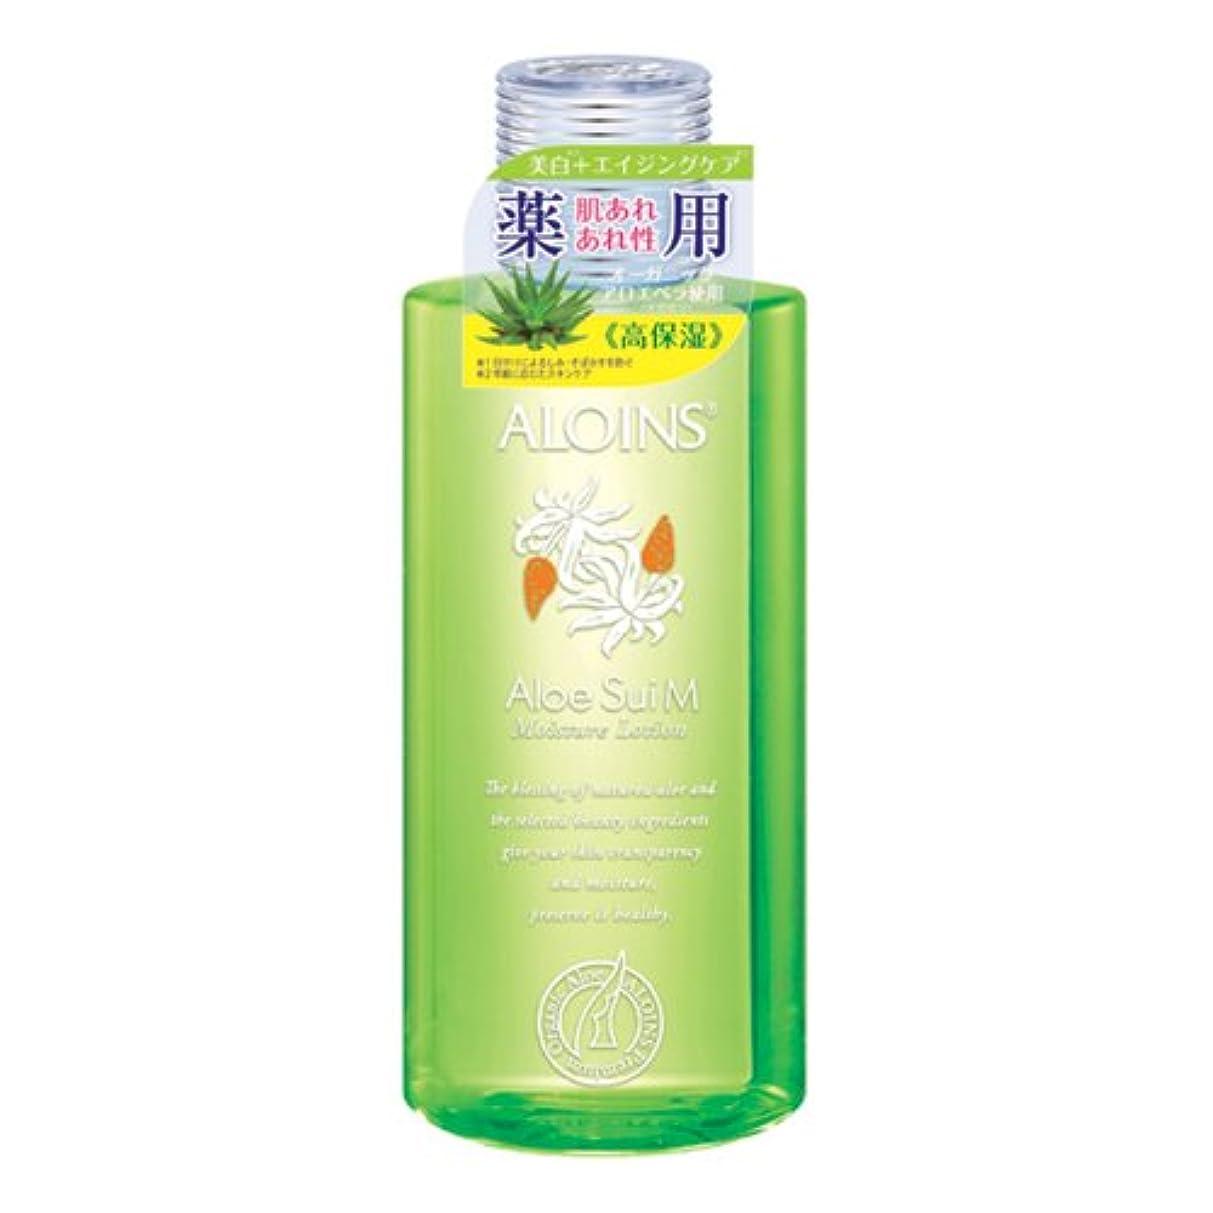 アロインス 薬用アロエ水 モイストローション 200ml